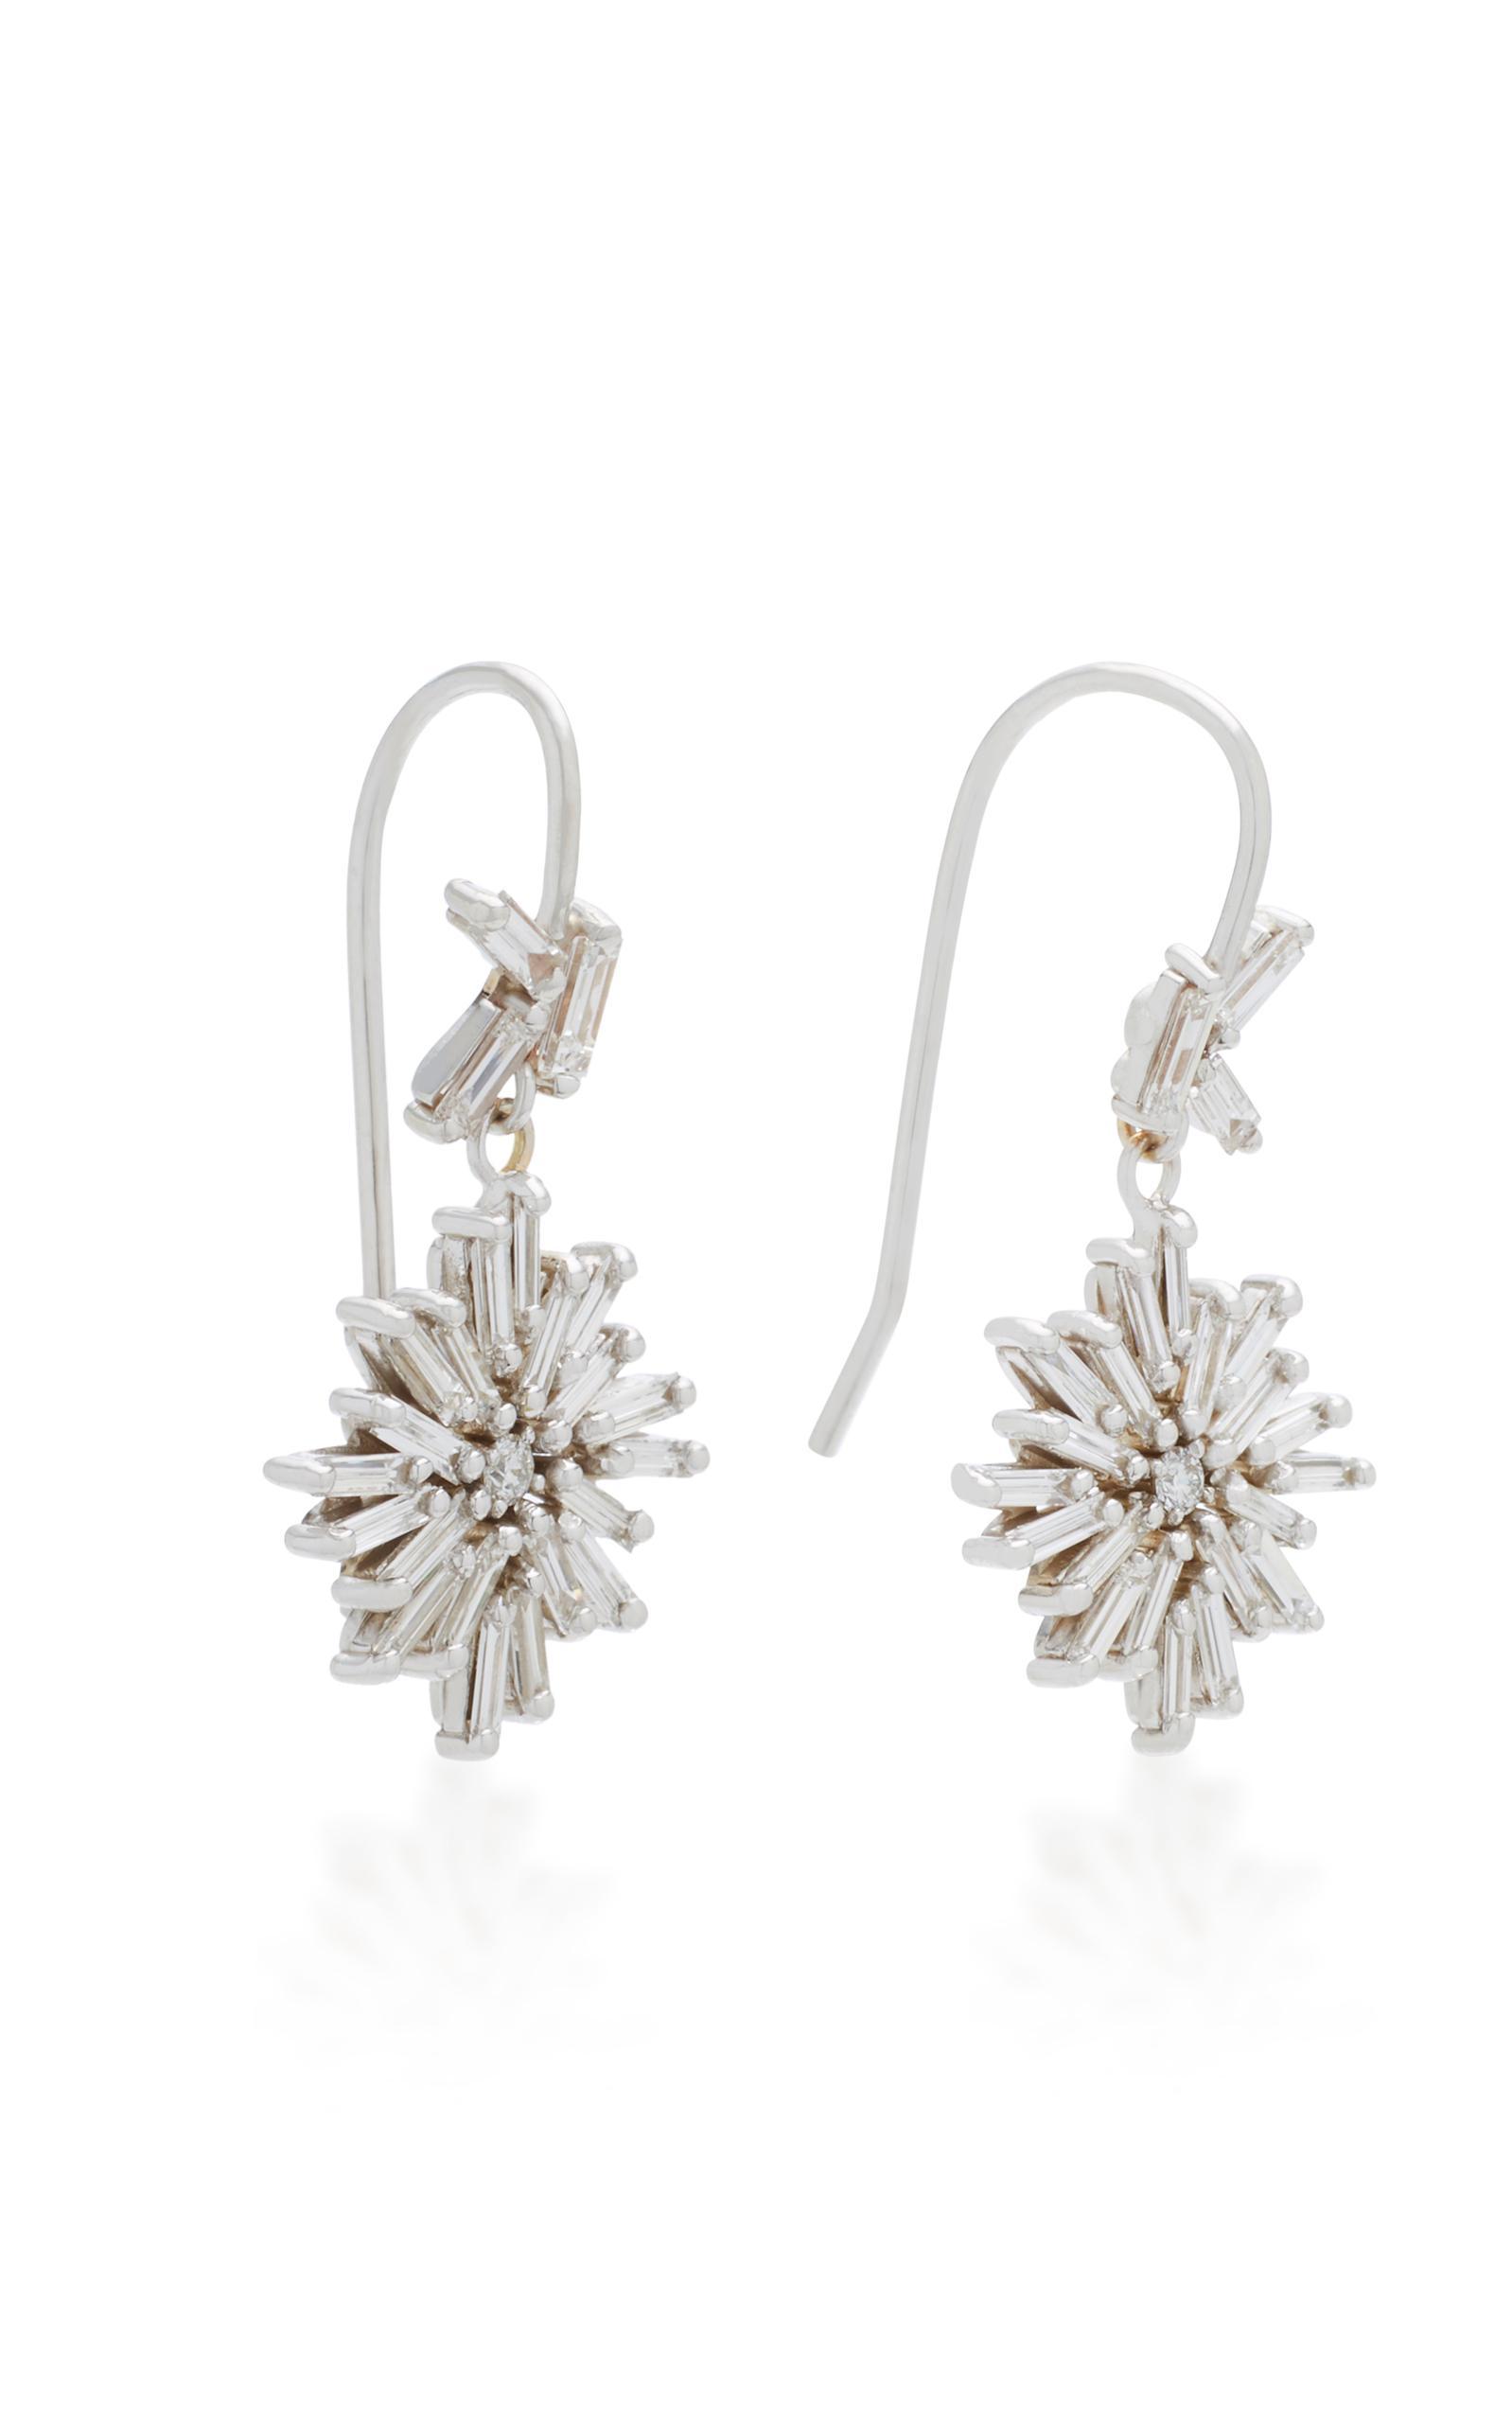 18K White Gold Diamond Earrings Suzanne Kalan JlWJ6gBSe